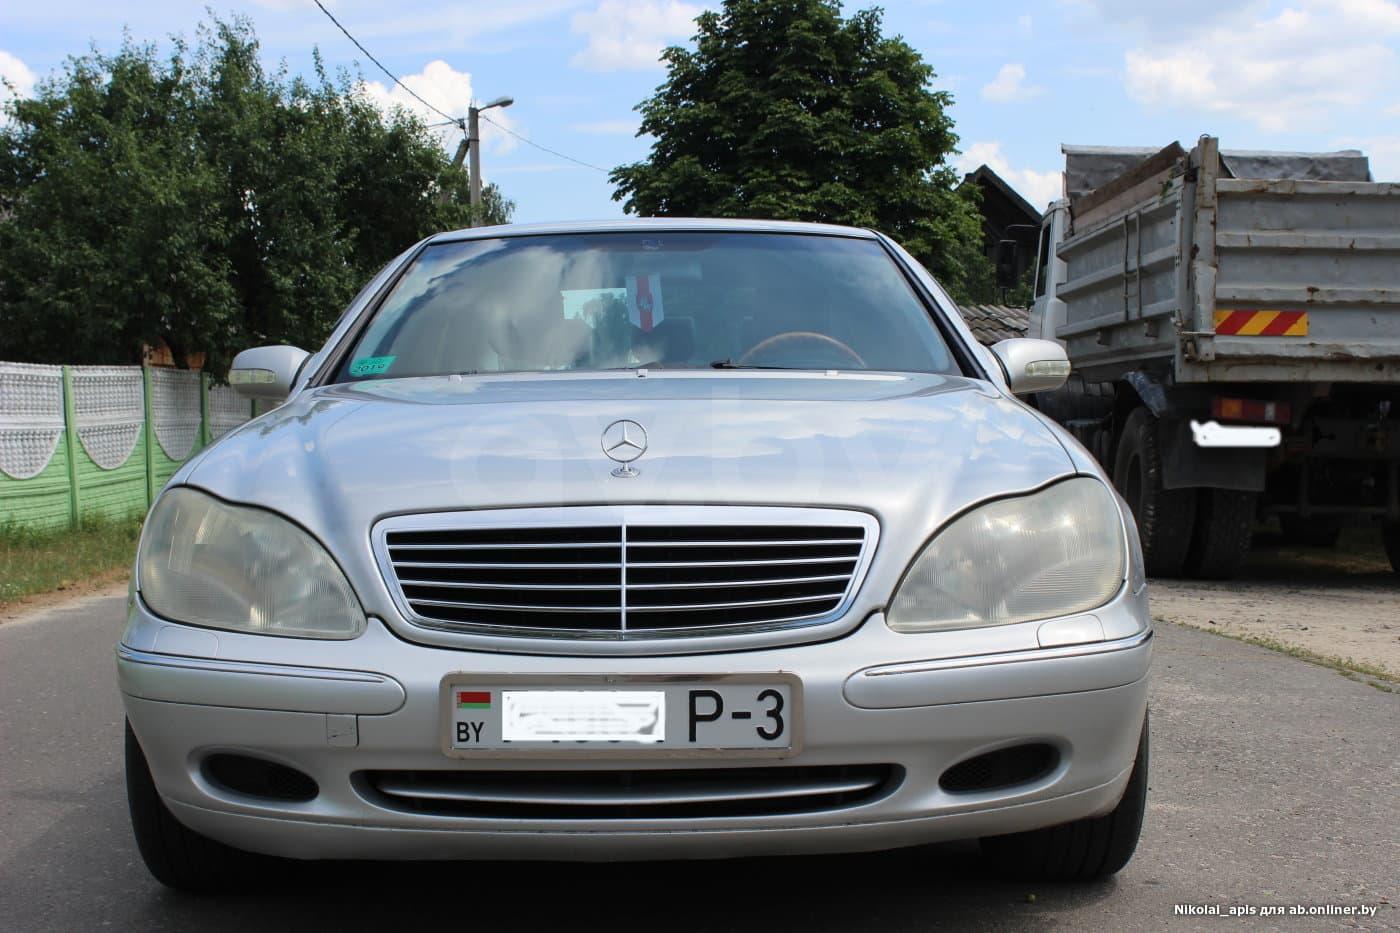 Mercedes-Benz S320 w220